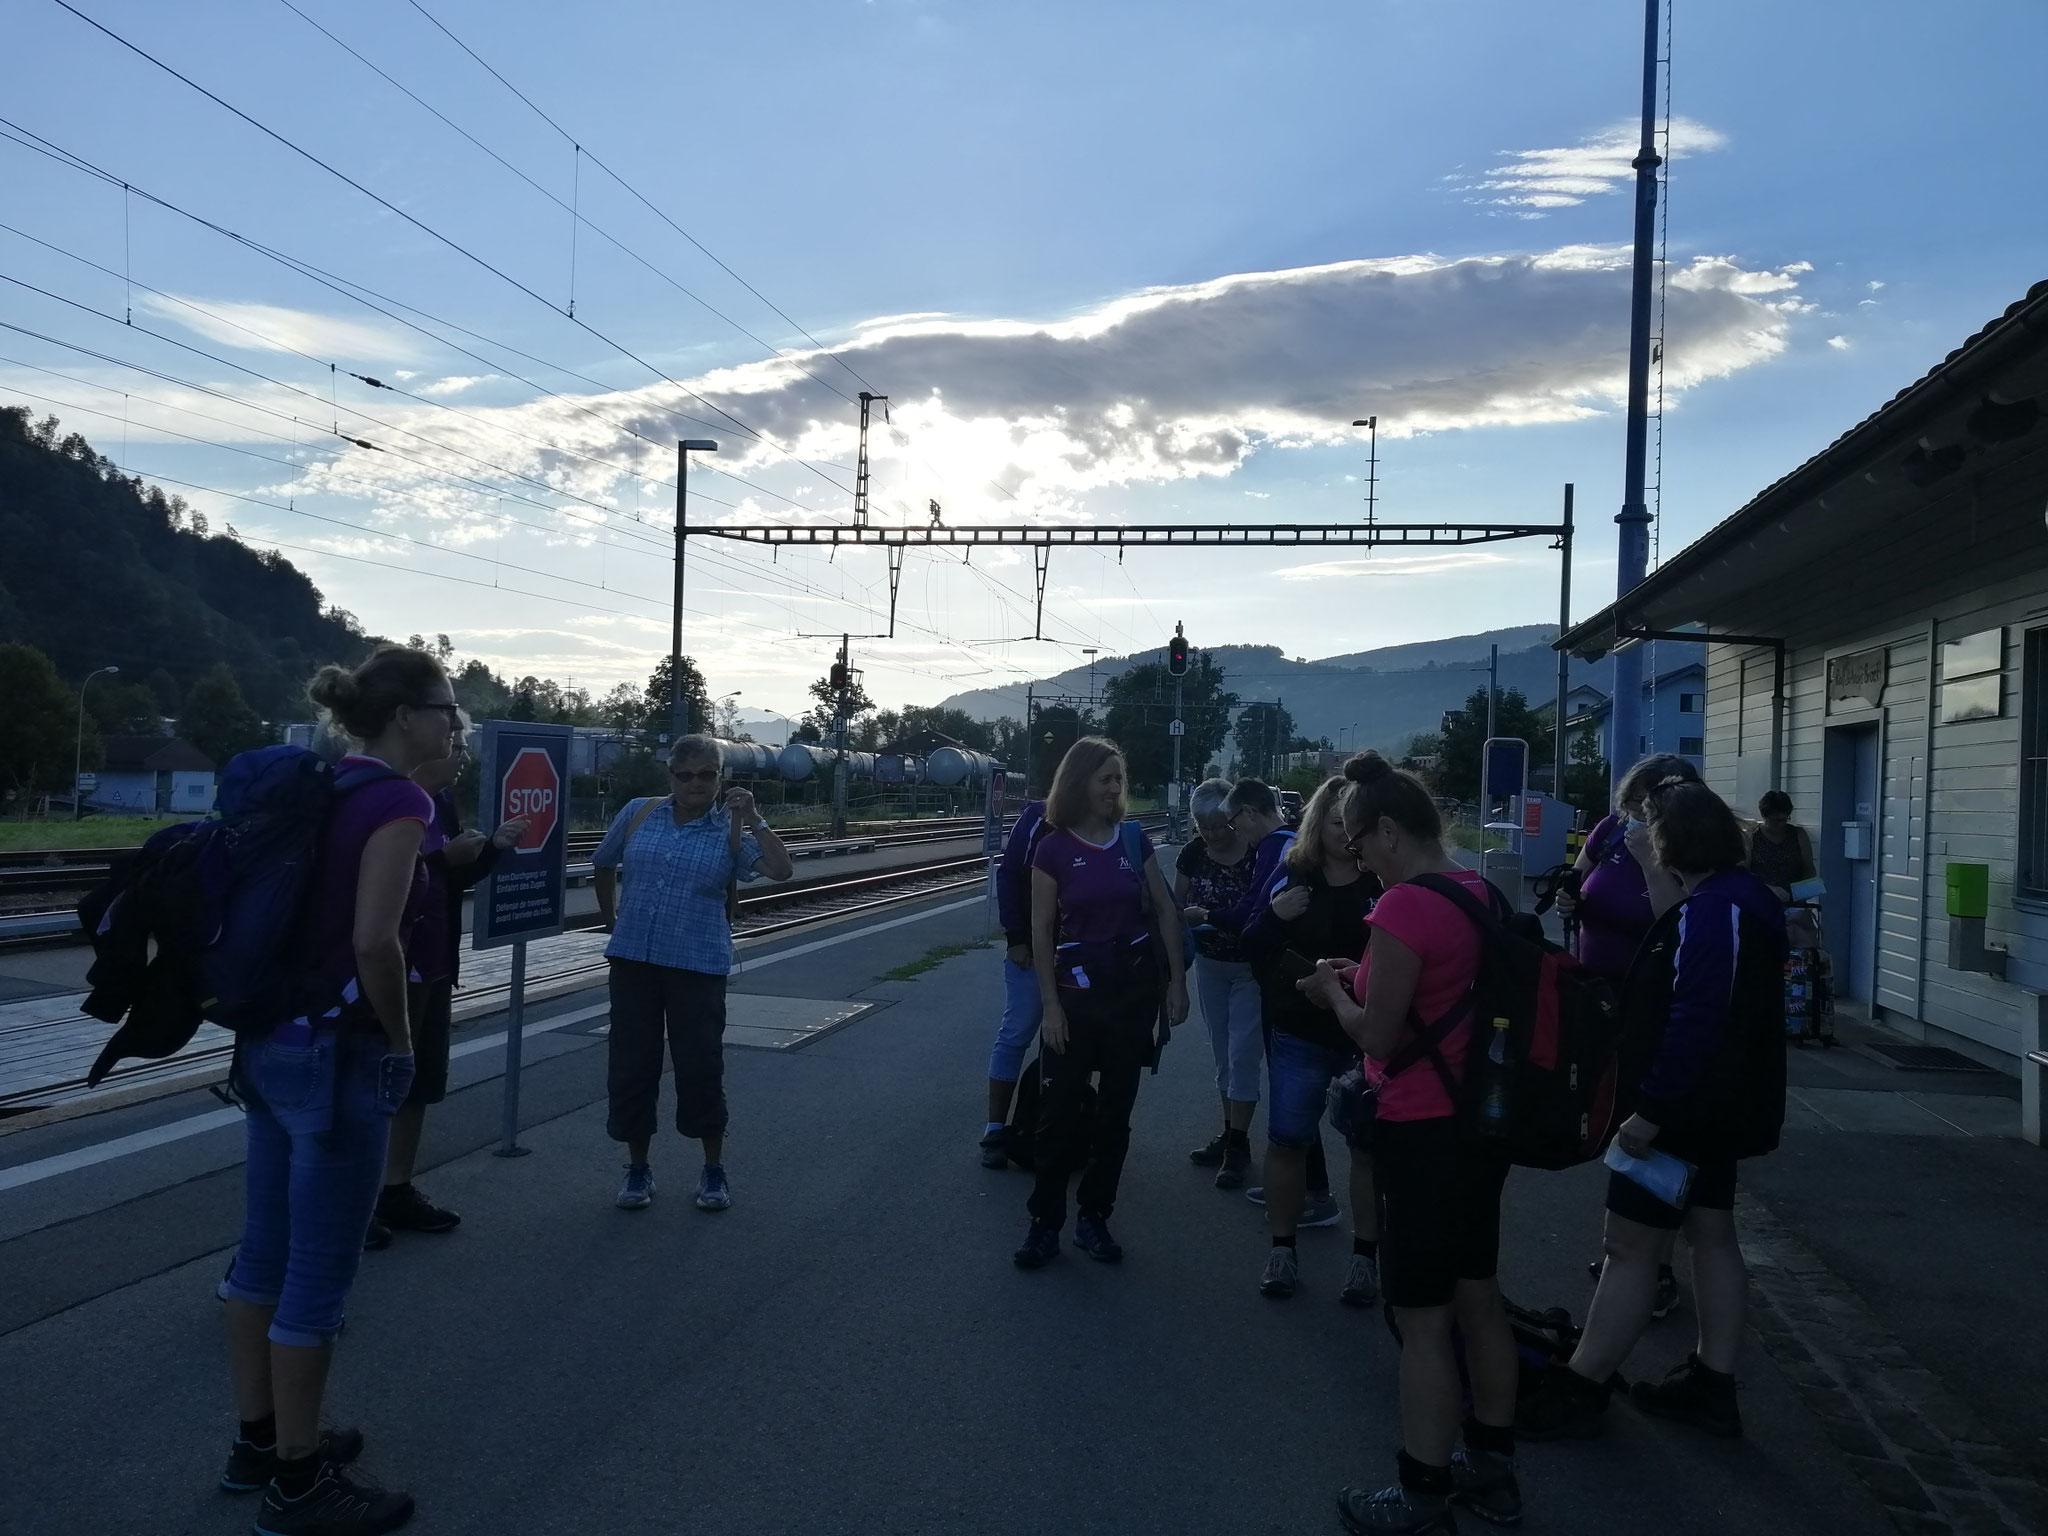 Am Morgen bei wunderschönem Wetter haben wir ins am Bahnhof besammelt.